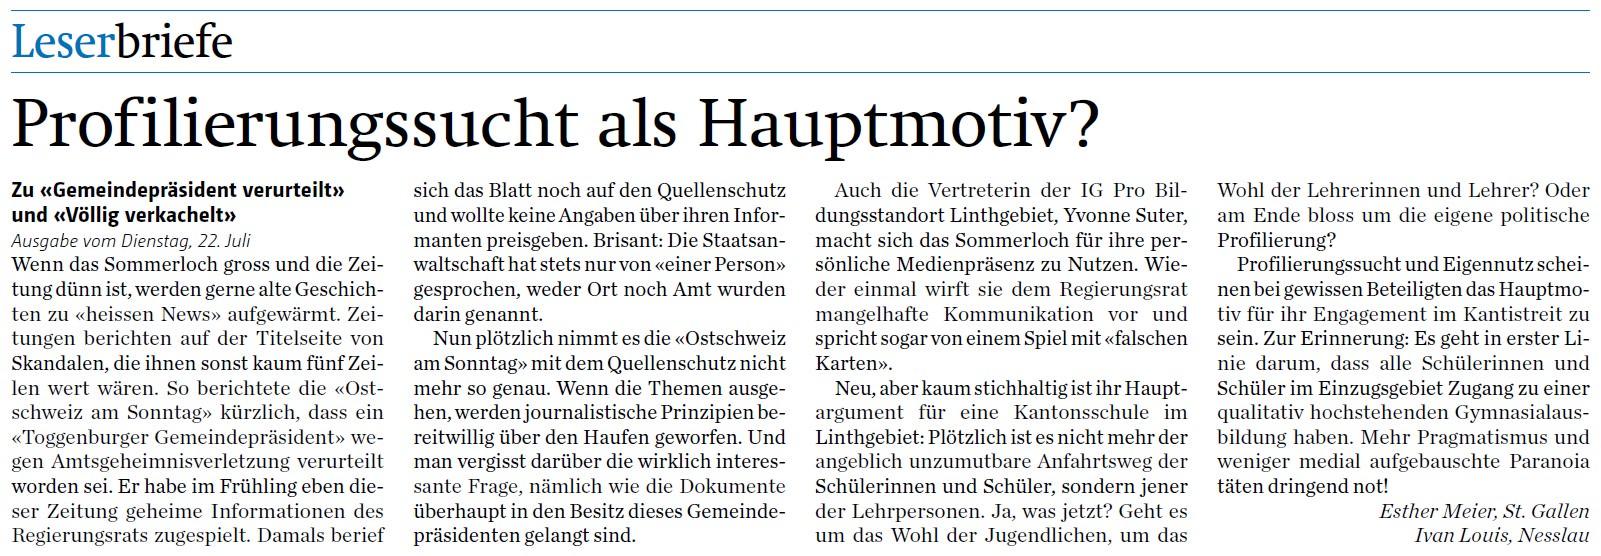 Leserbrief: Profilierungssucht als Hauptmotiv? (Donnerstag, 24.07.2014)